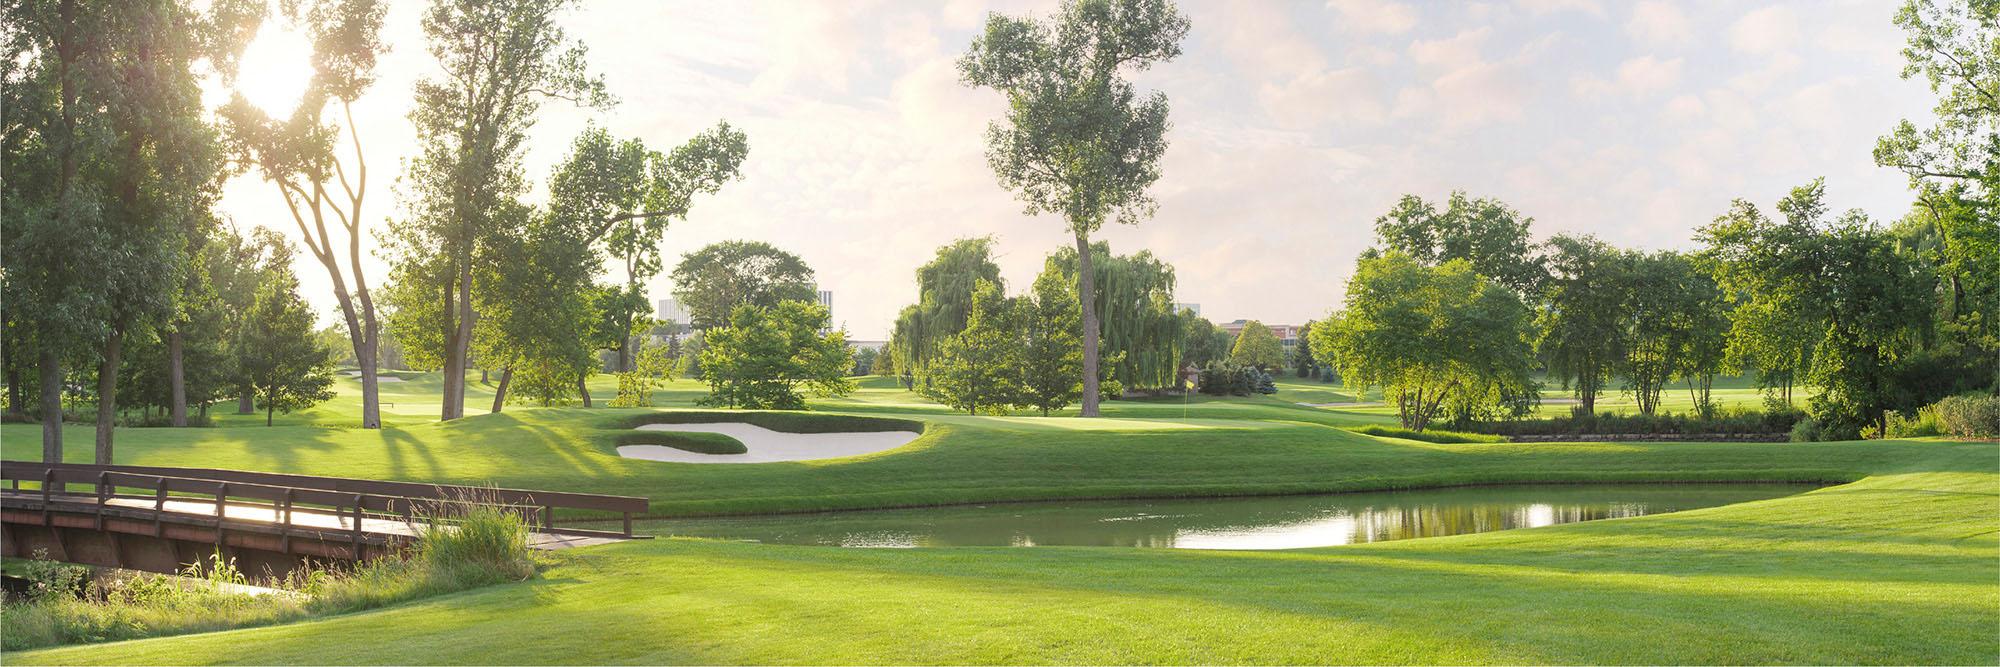 Golf Course Image - Butler National No. 1